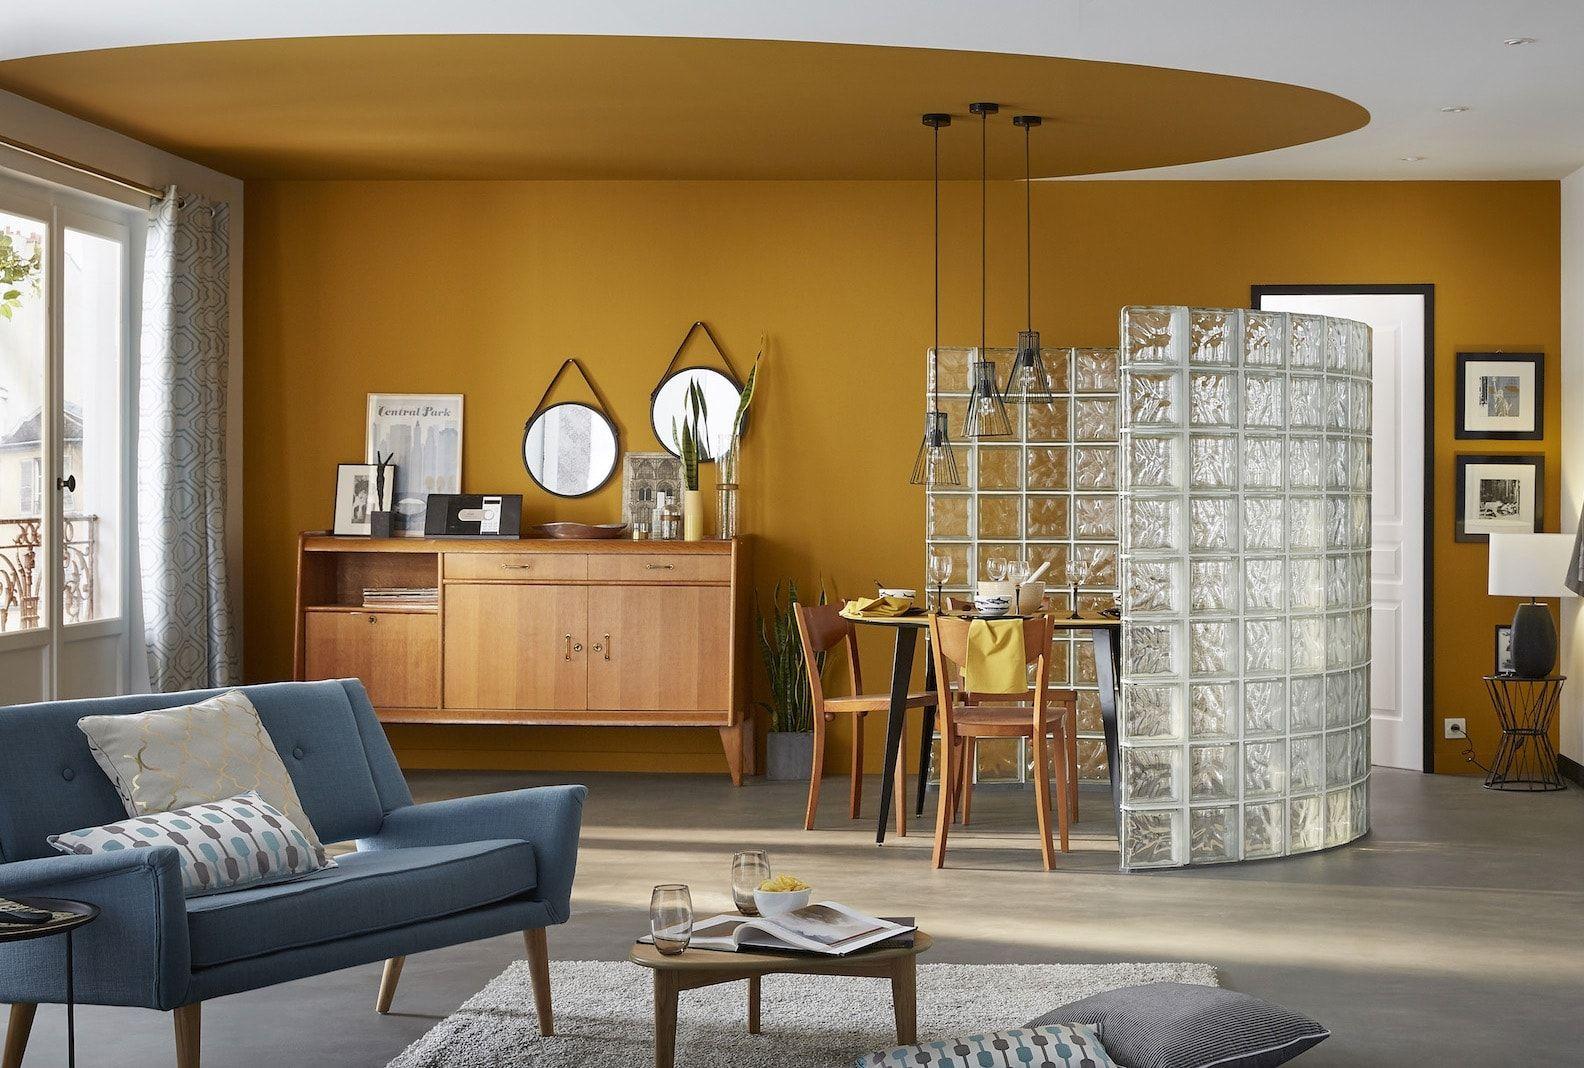 Un salon orange vintage des couleurs chaudes sur les murs du salon journal des femmes home - Deco salon couleur chaude ...